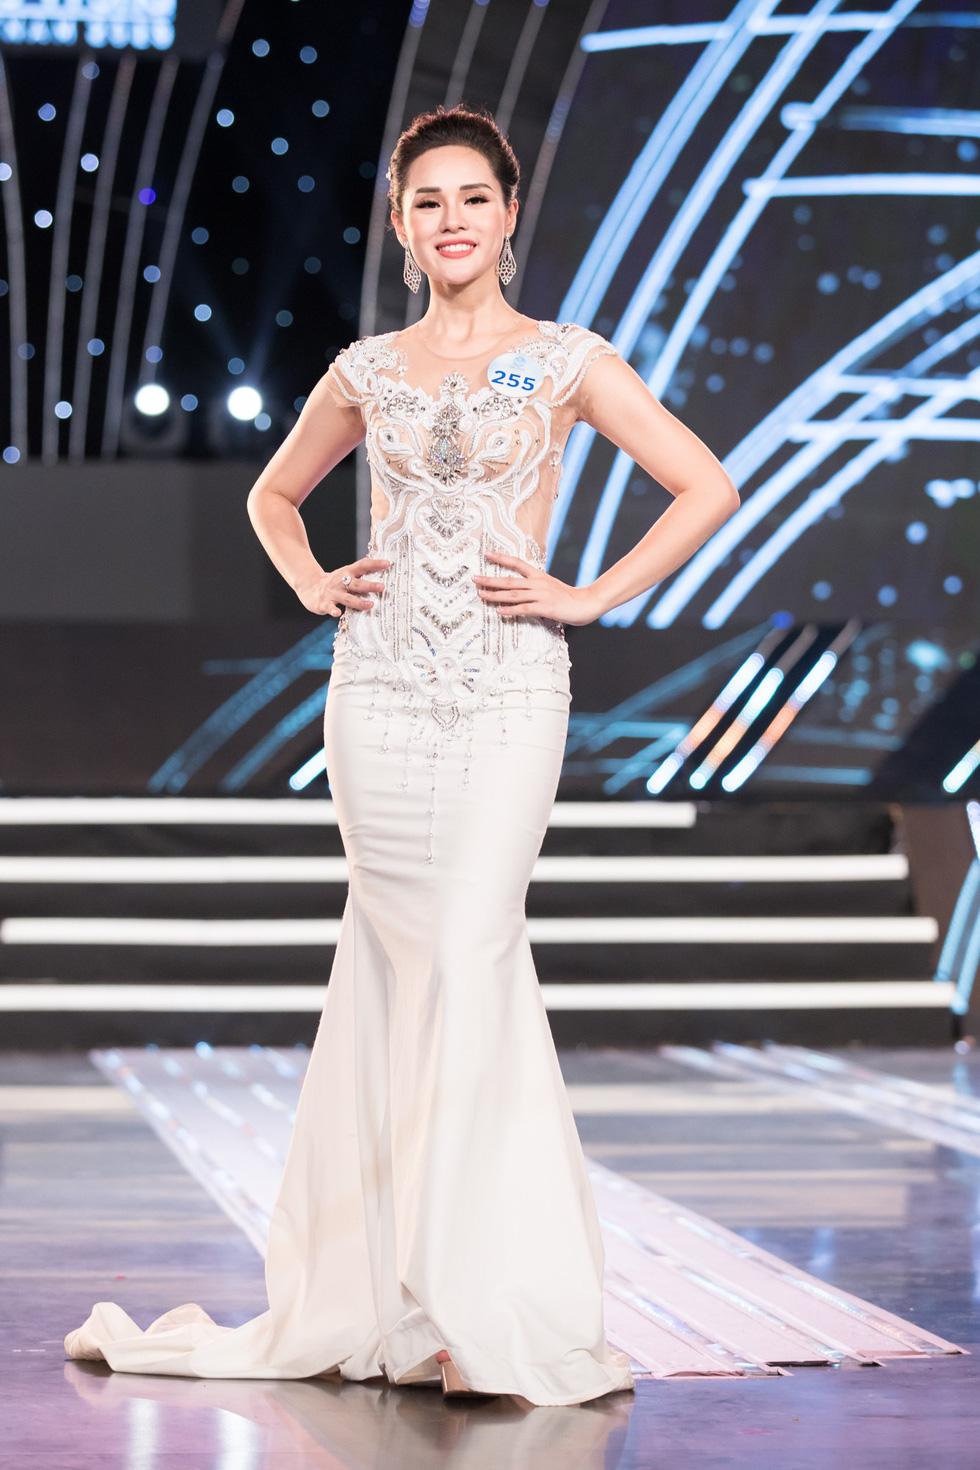 Nhan sắc 20 thí sinh đẹp nhất phía Bắc vào chung kết Miss World Việt Nam 2019 - Ảnh 15.